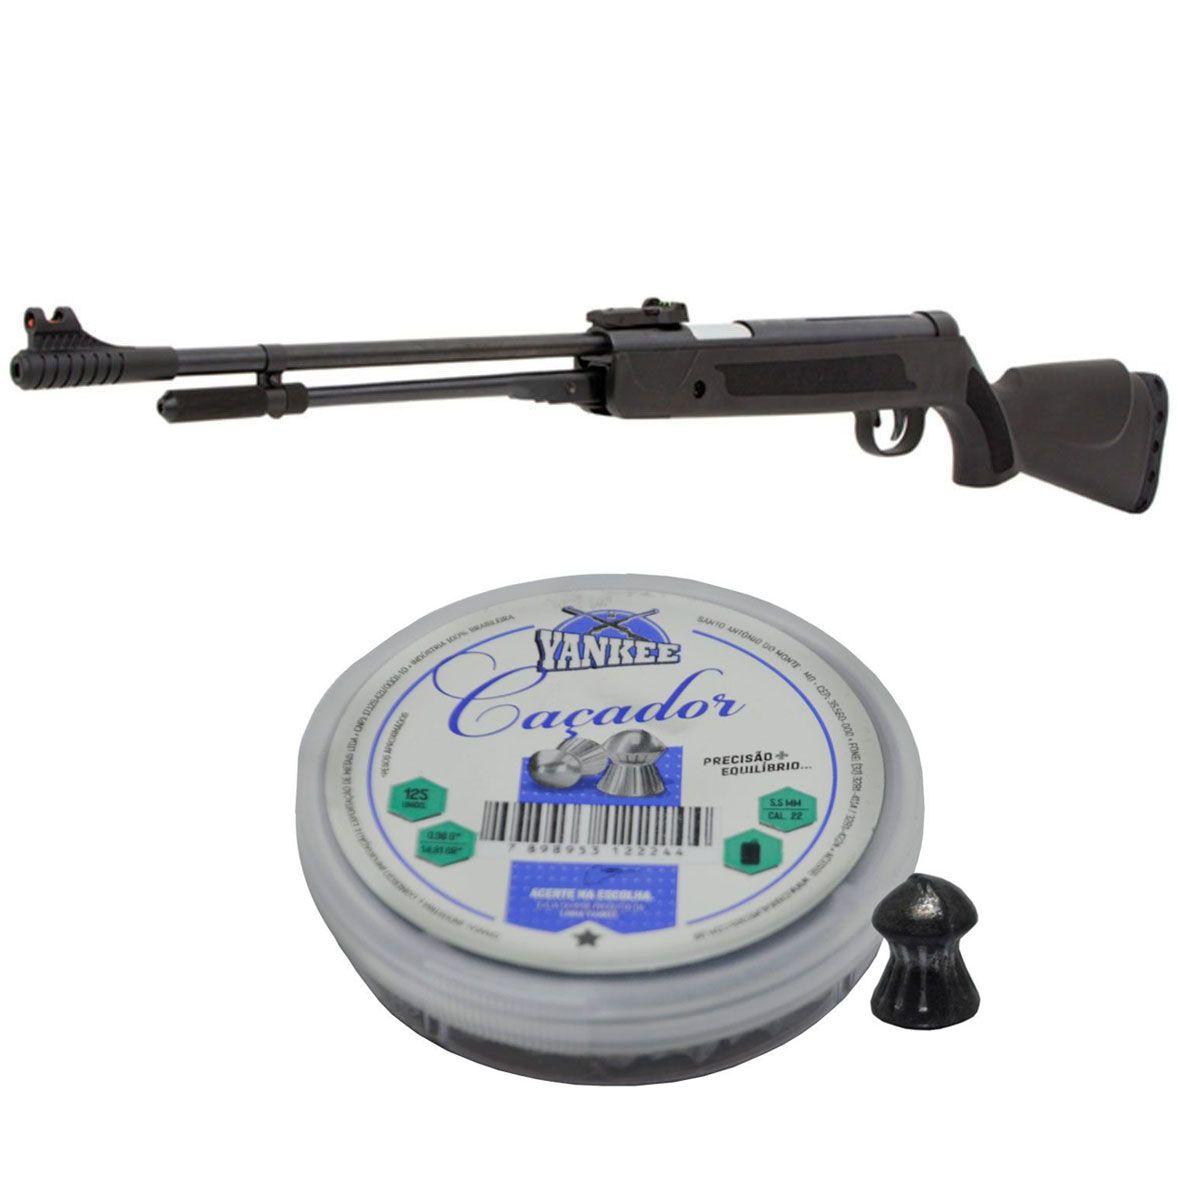 Kit Carabina Fixxar 5,5mm + Chumbinho 5,5mm